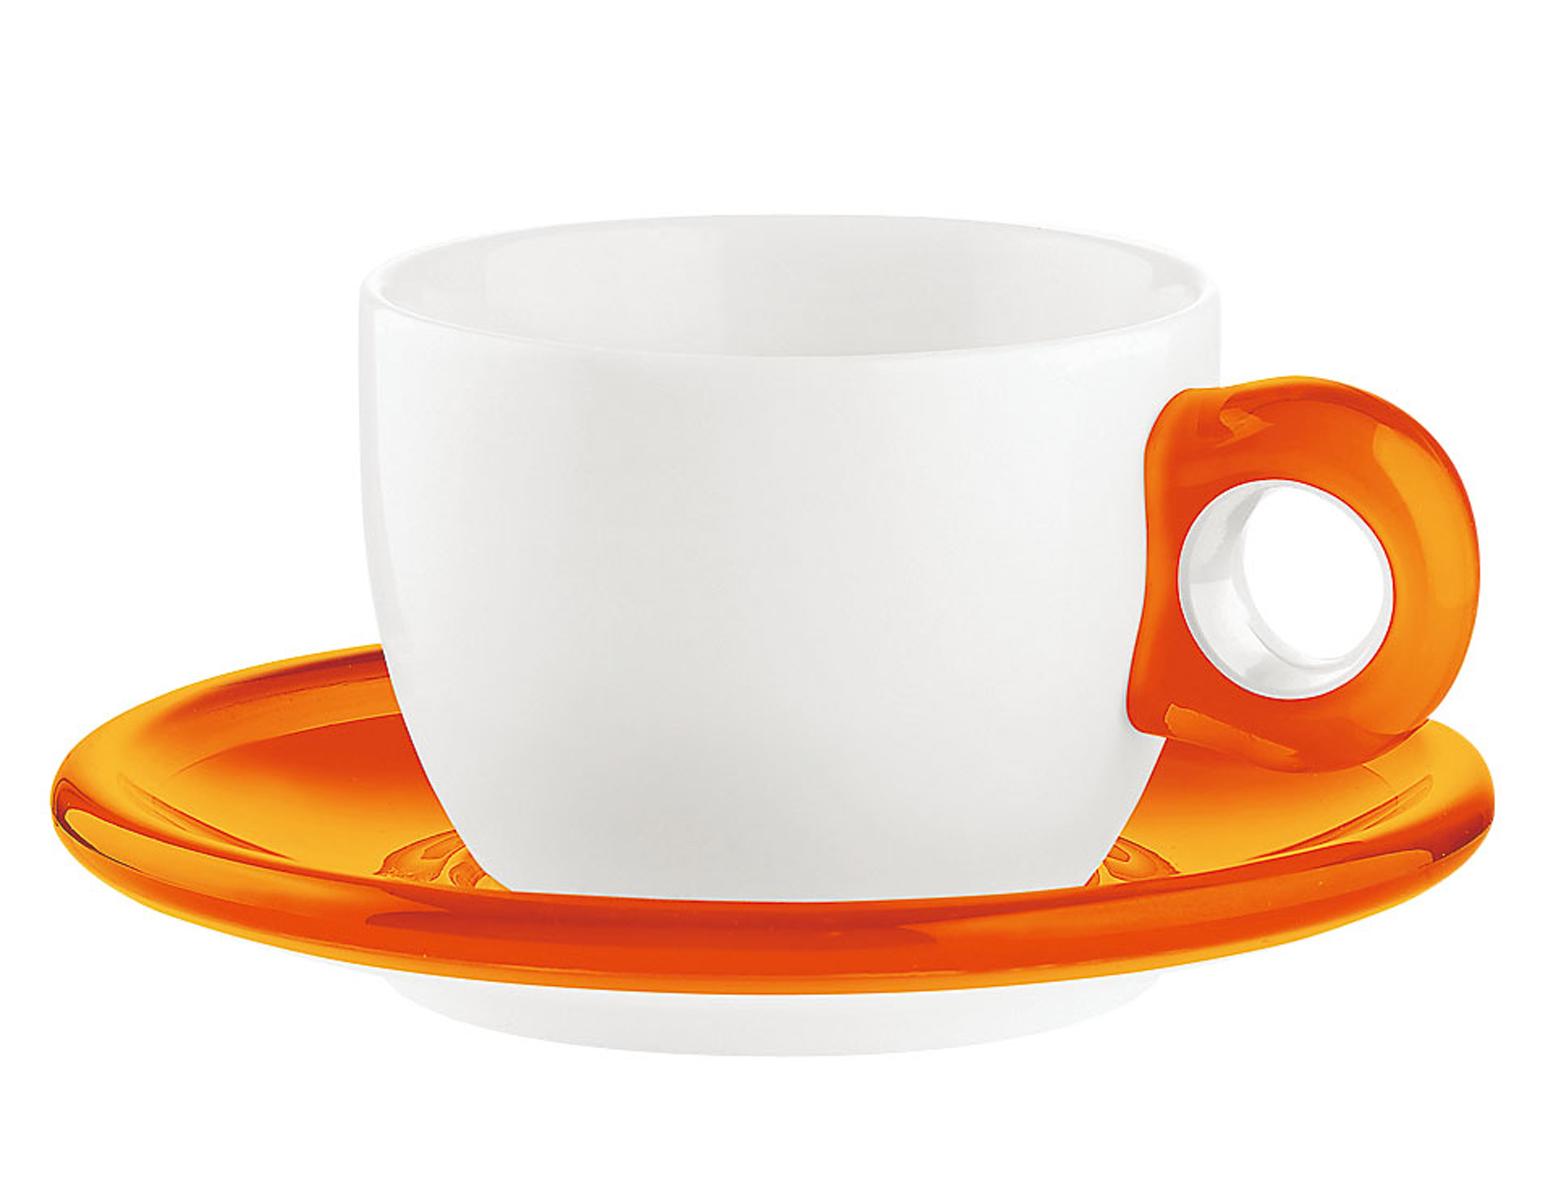 ティー/コーヒーカップ 2客セット 2774.0045 オレンジ 6-2148-0103【卓上用品 グラス 食器 洋食器 コーヒー ティーカップ 業務用 販売 通販】[10P03Dec16]